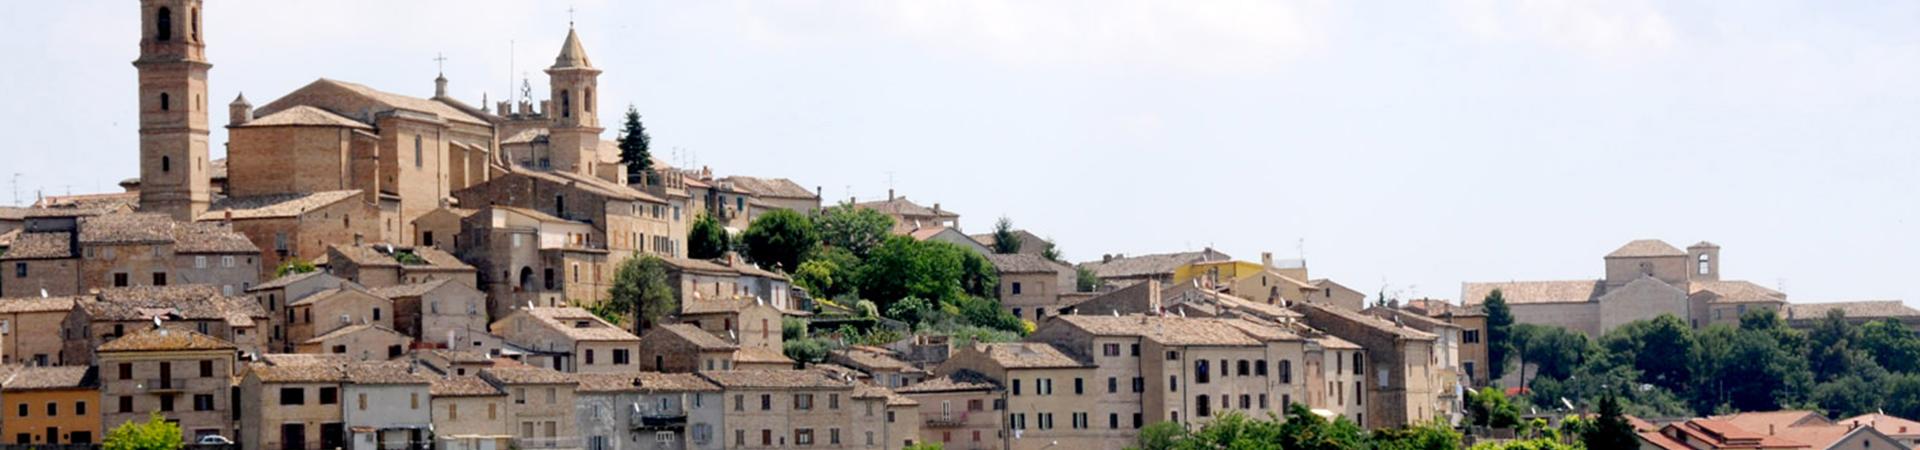 Header Comune di Morrovalle